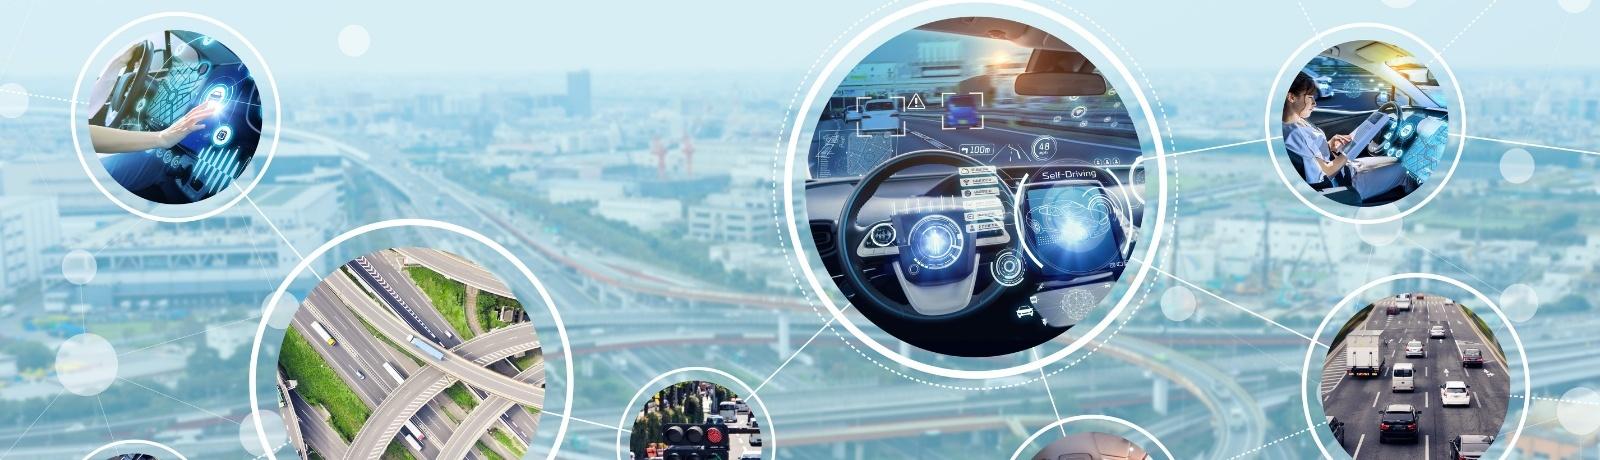 Автомобилни преводи - заглавно изображение